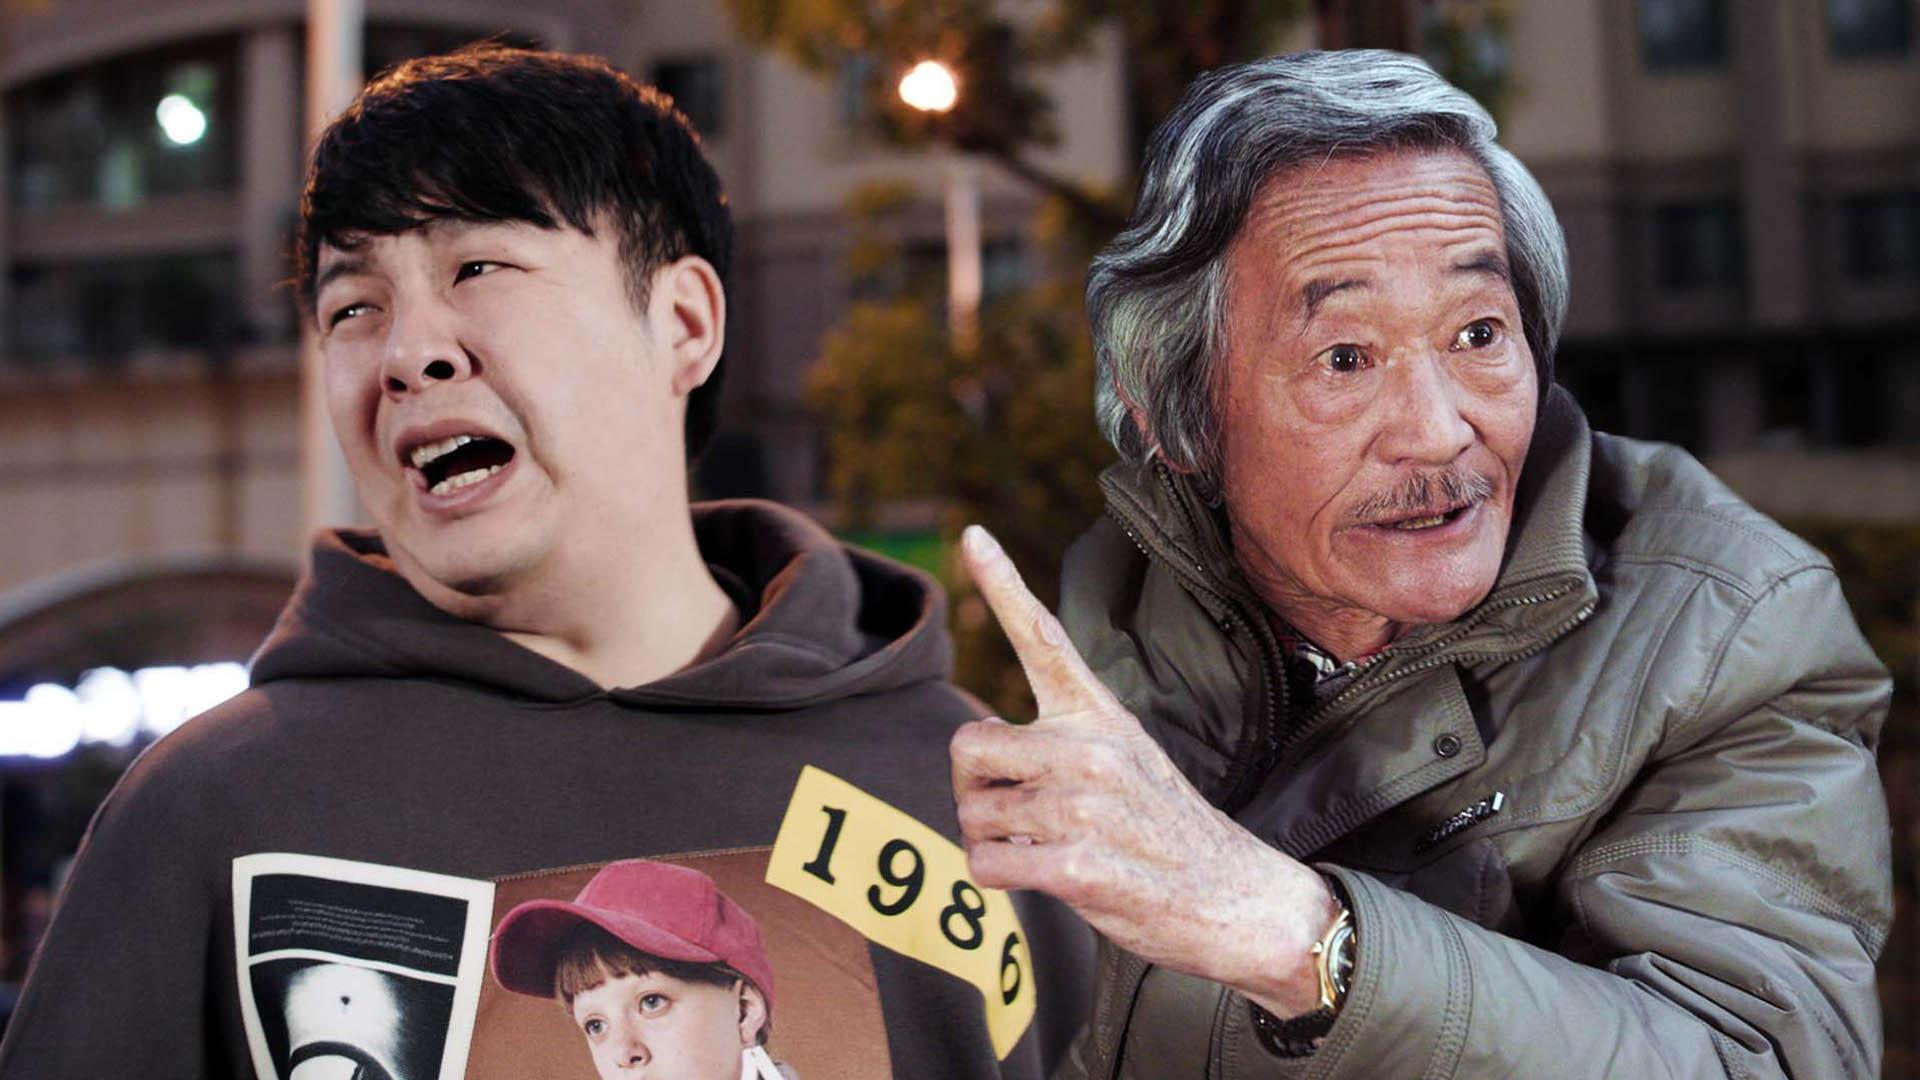 《陈翔六点半》第197集 大爷街头碰瓷,遇到高手损失两千块!